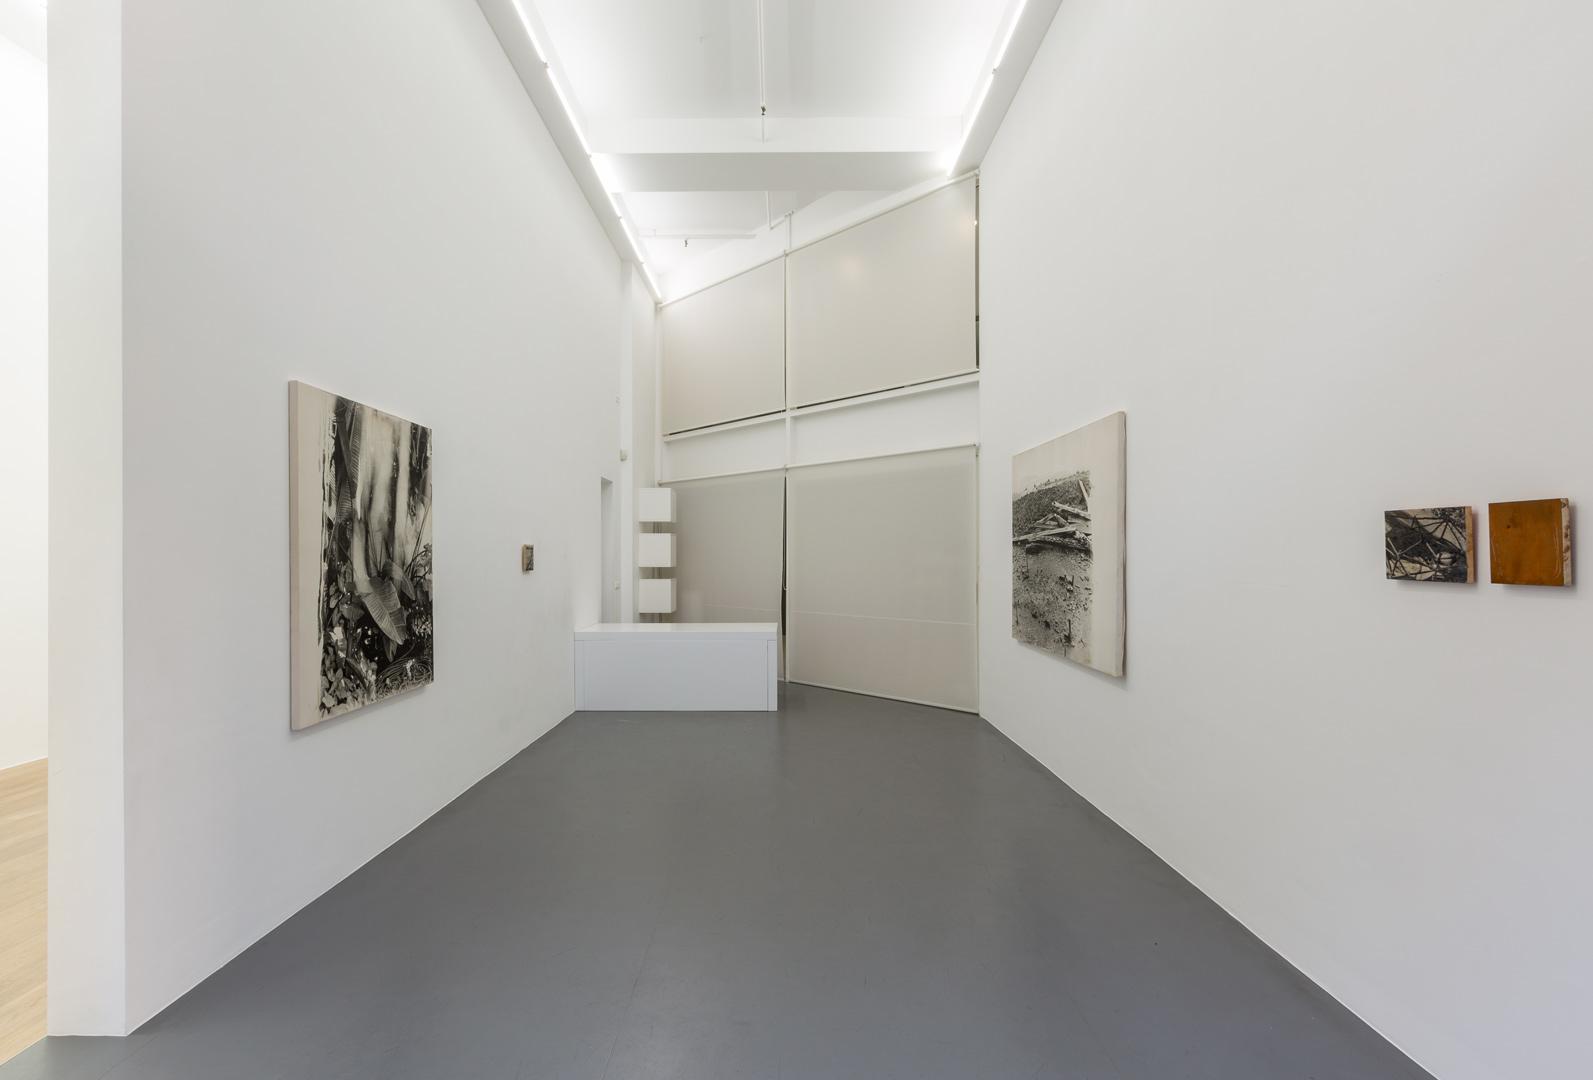 Lore Stessel. Kornalijn Exhibition view. Room 1